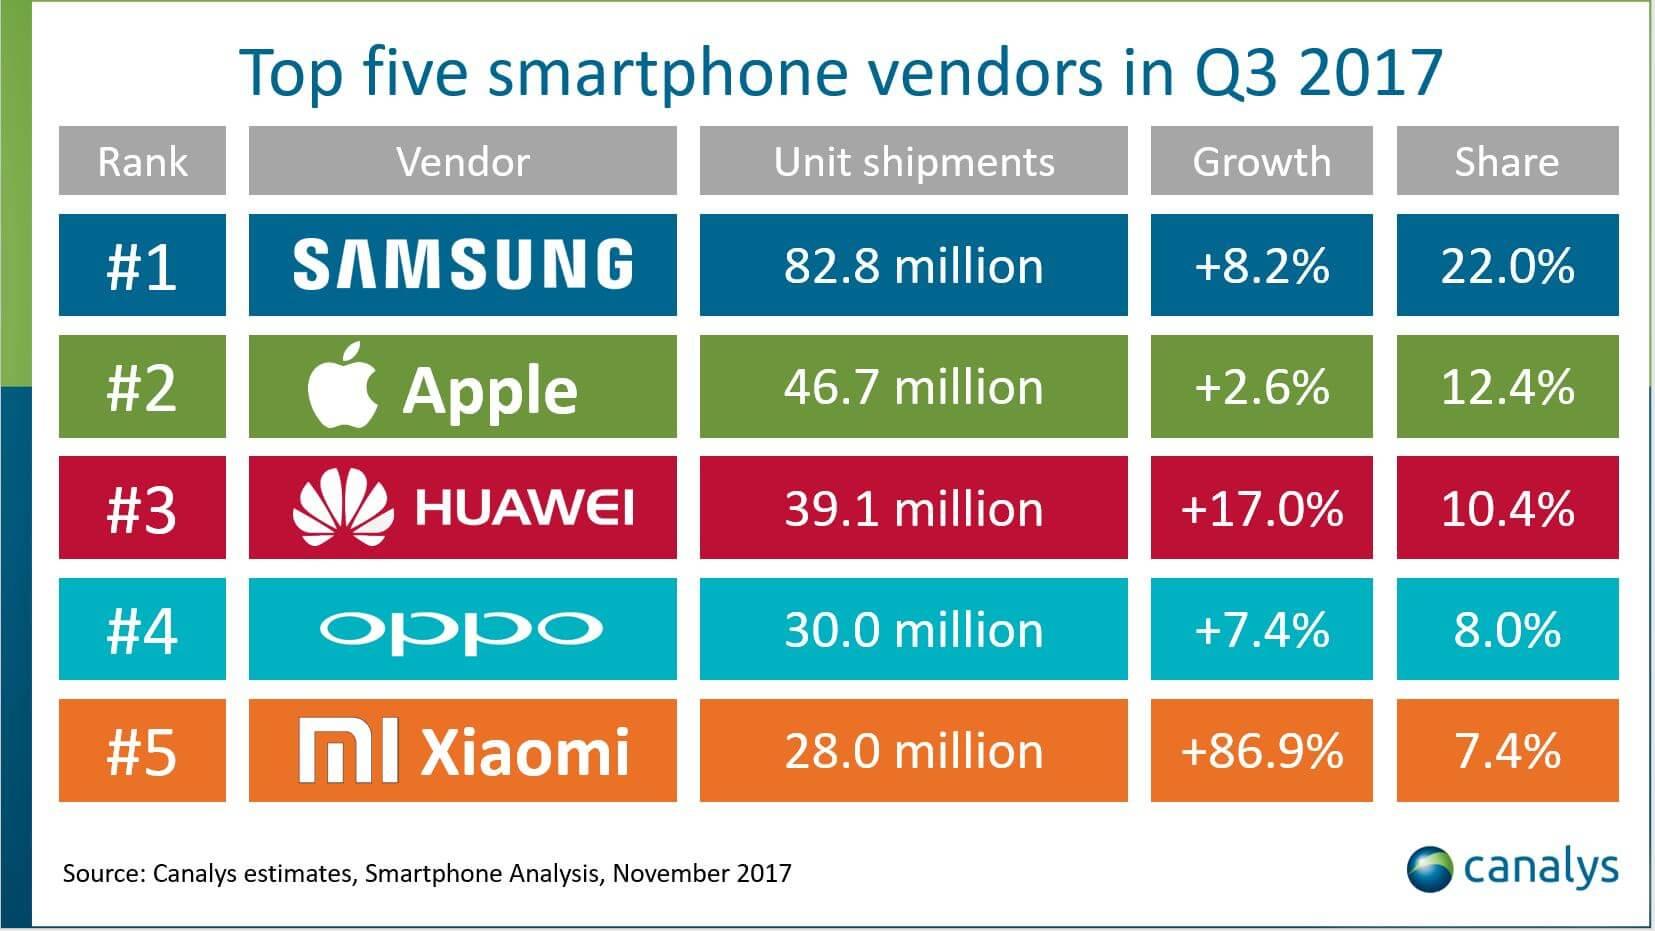 Top5-SmartphoneMarken Q3 2017 - Canalys